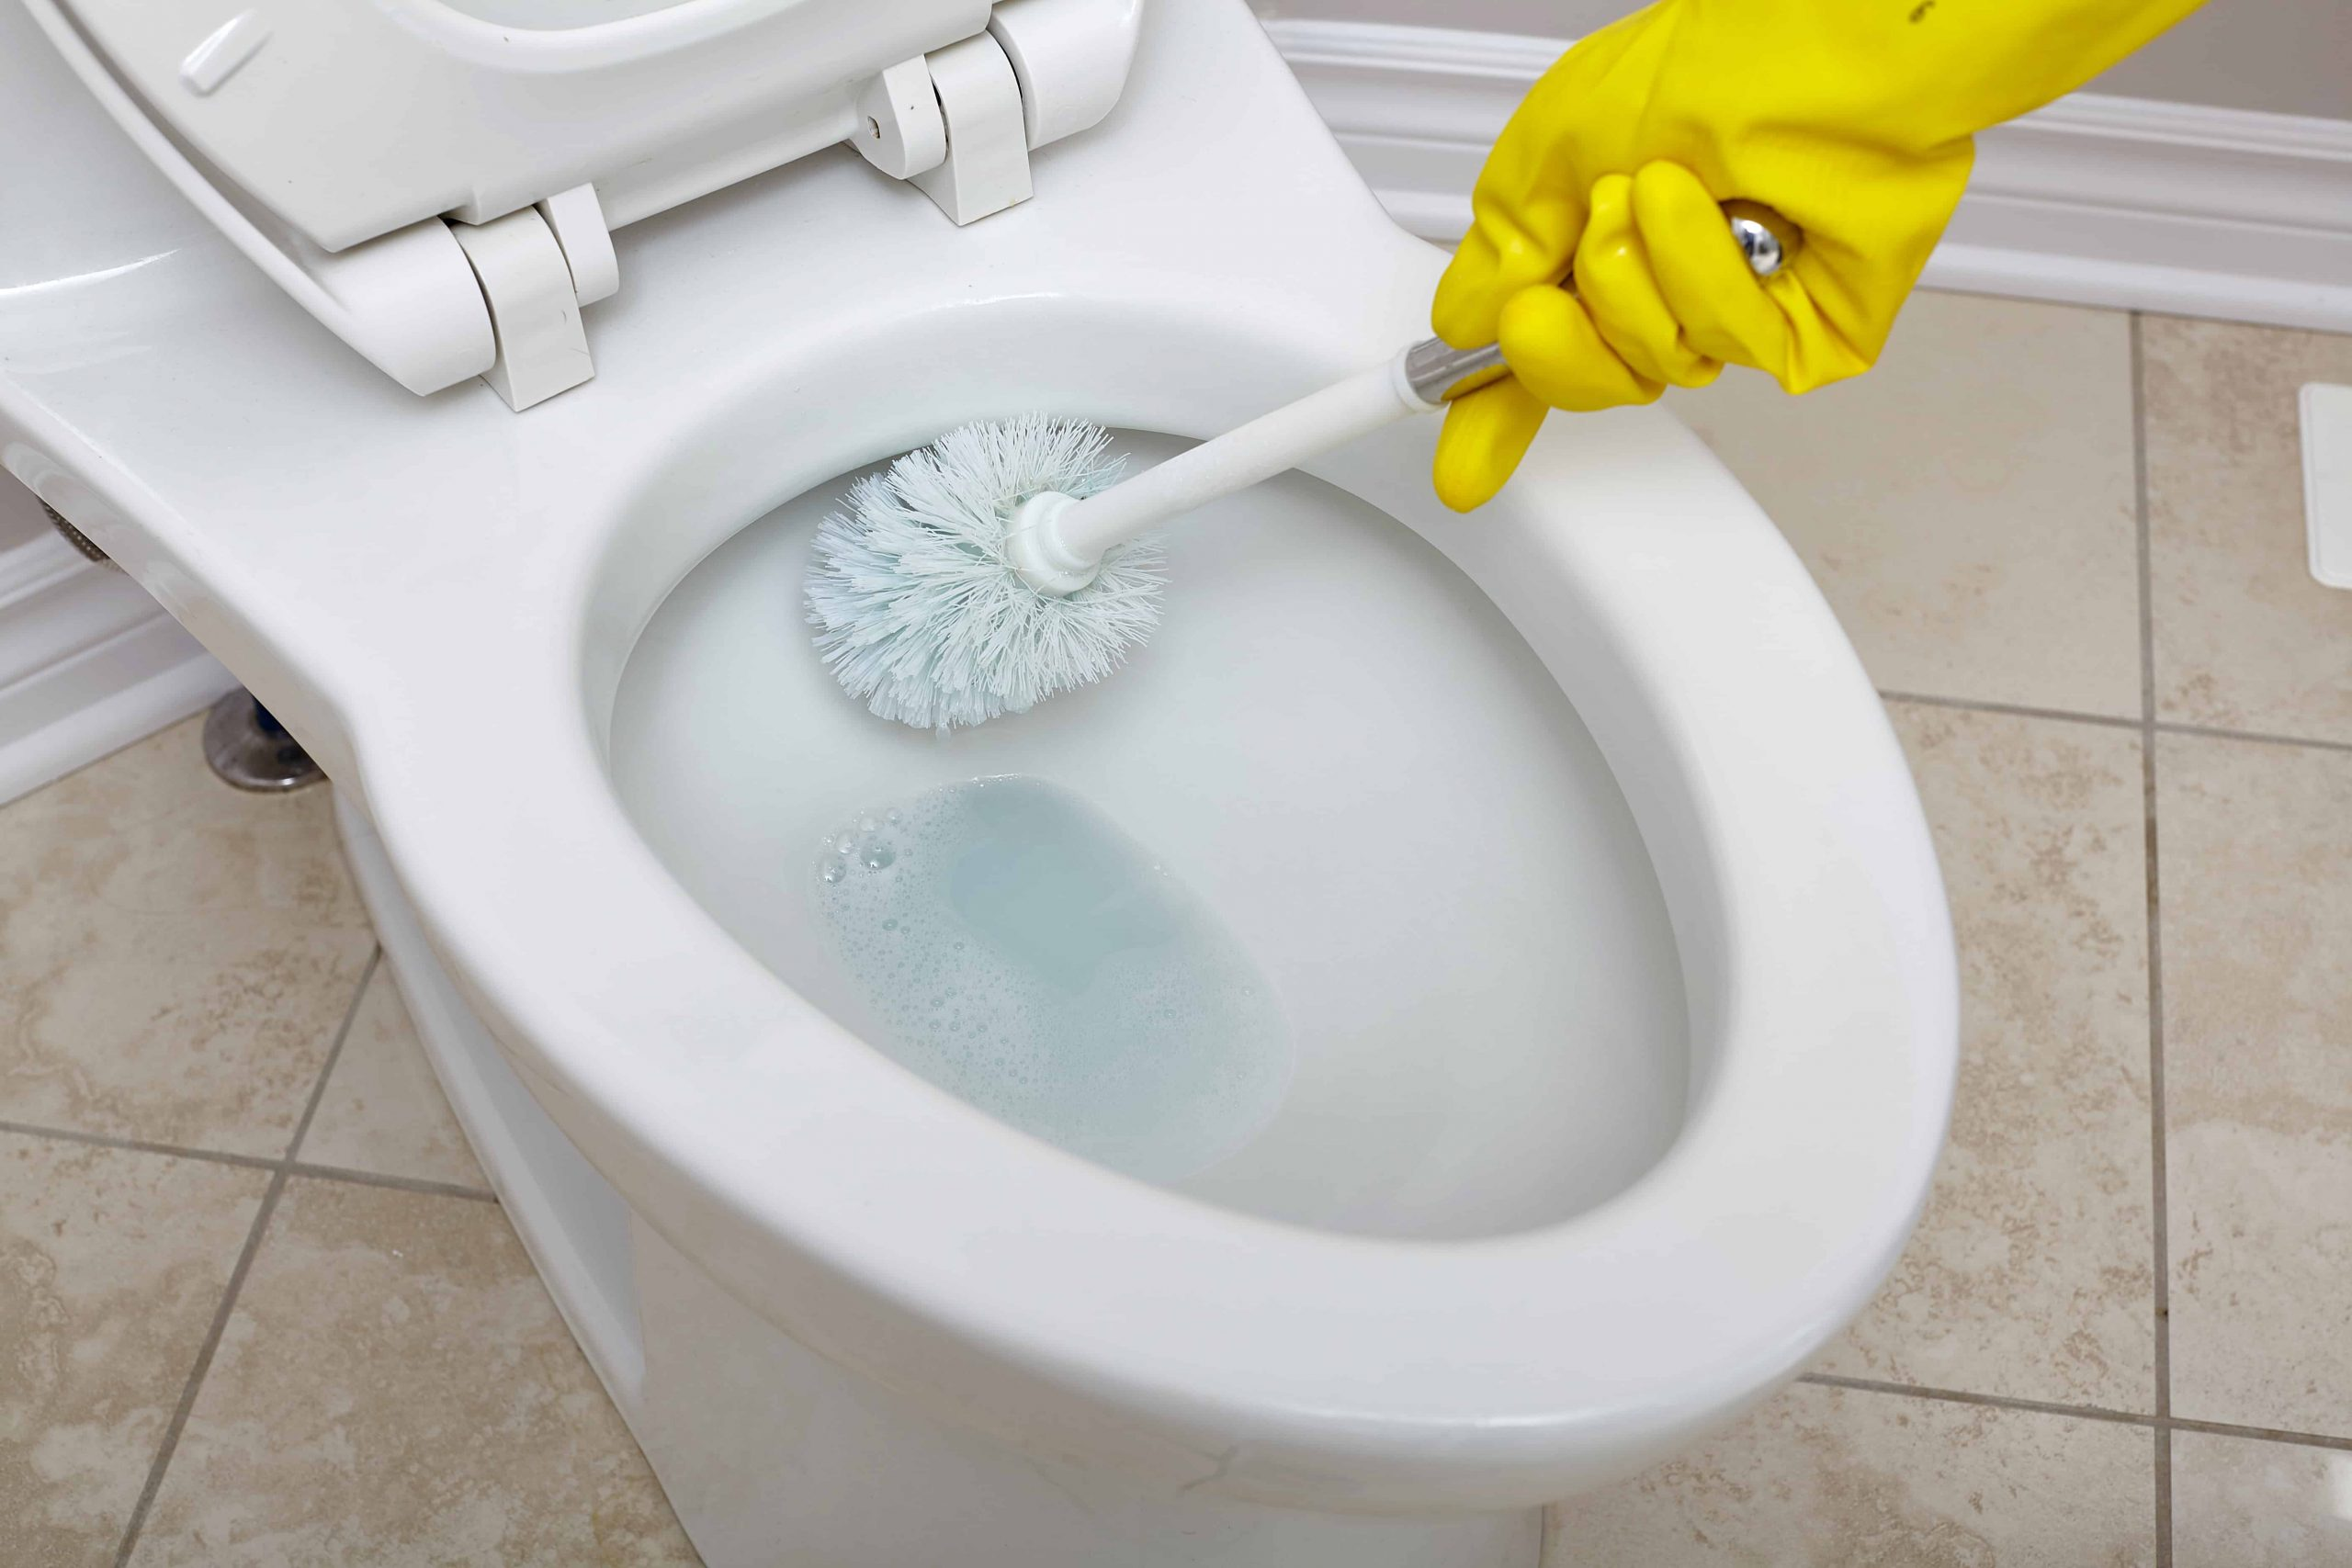 Toilettenbürste: Test & Empfehlungen (12/20)